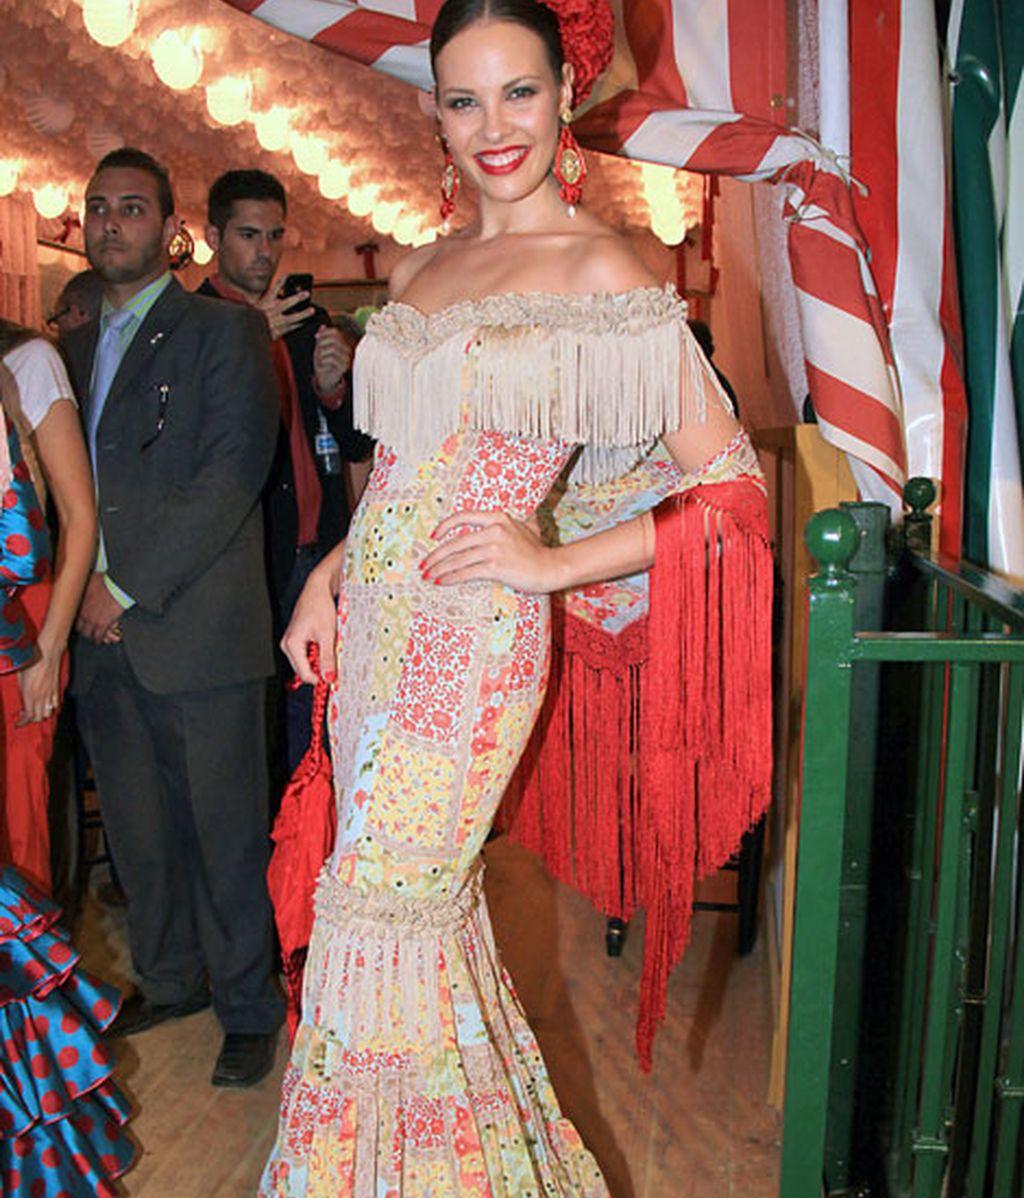 Jessica Bueno, con un traje estampado de flamenca y complementos en rojo